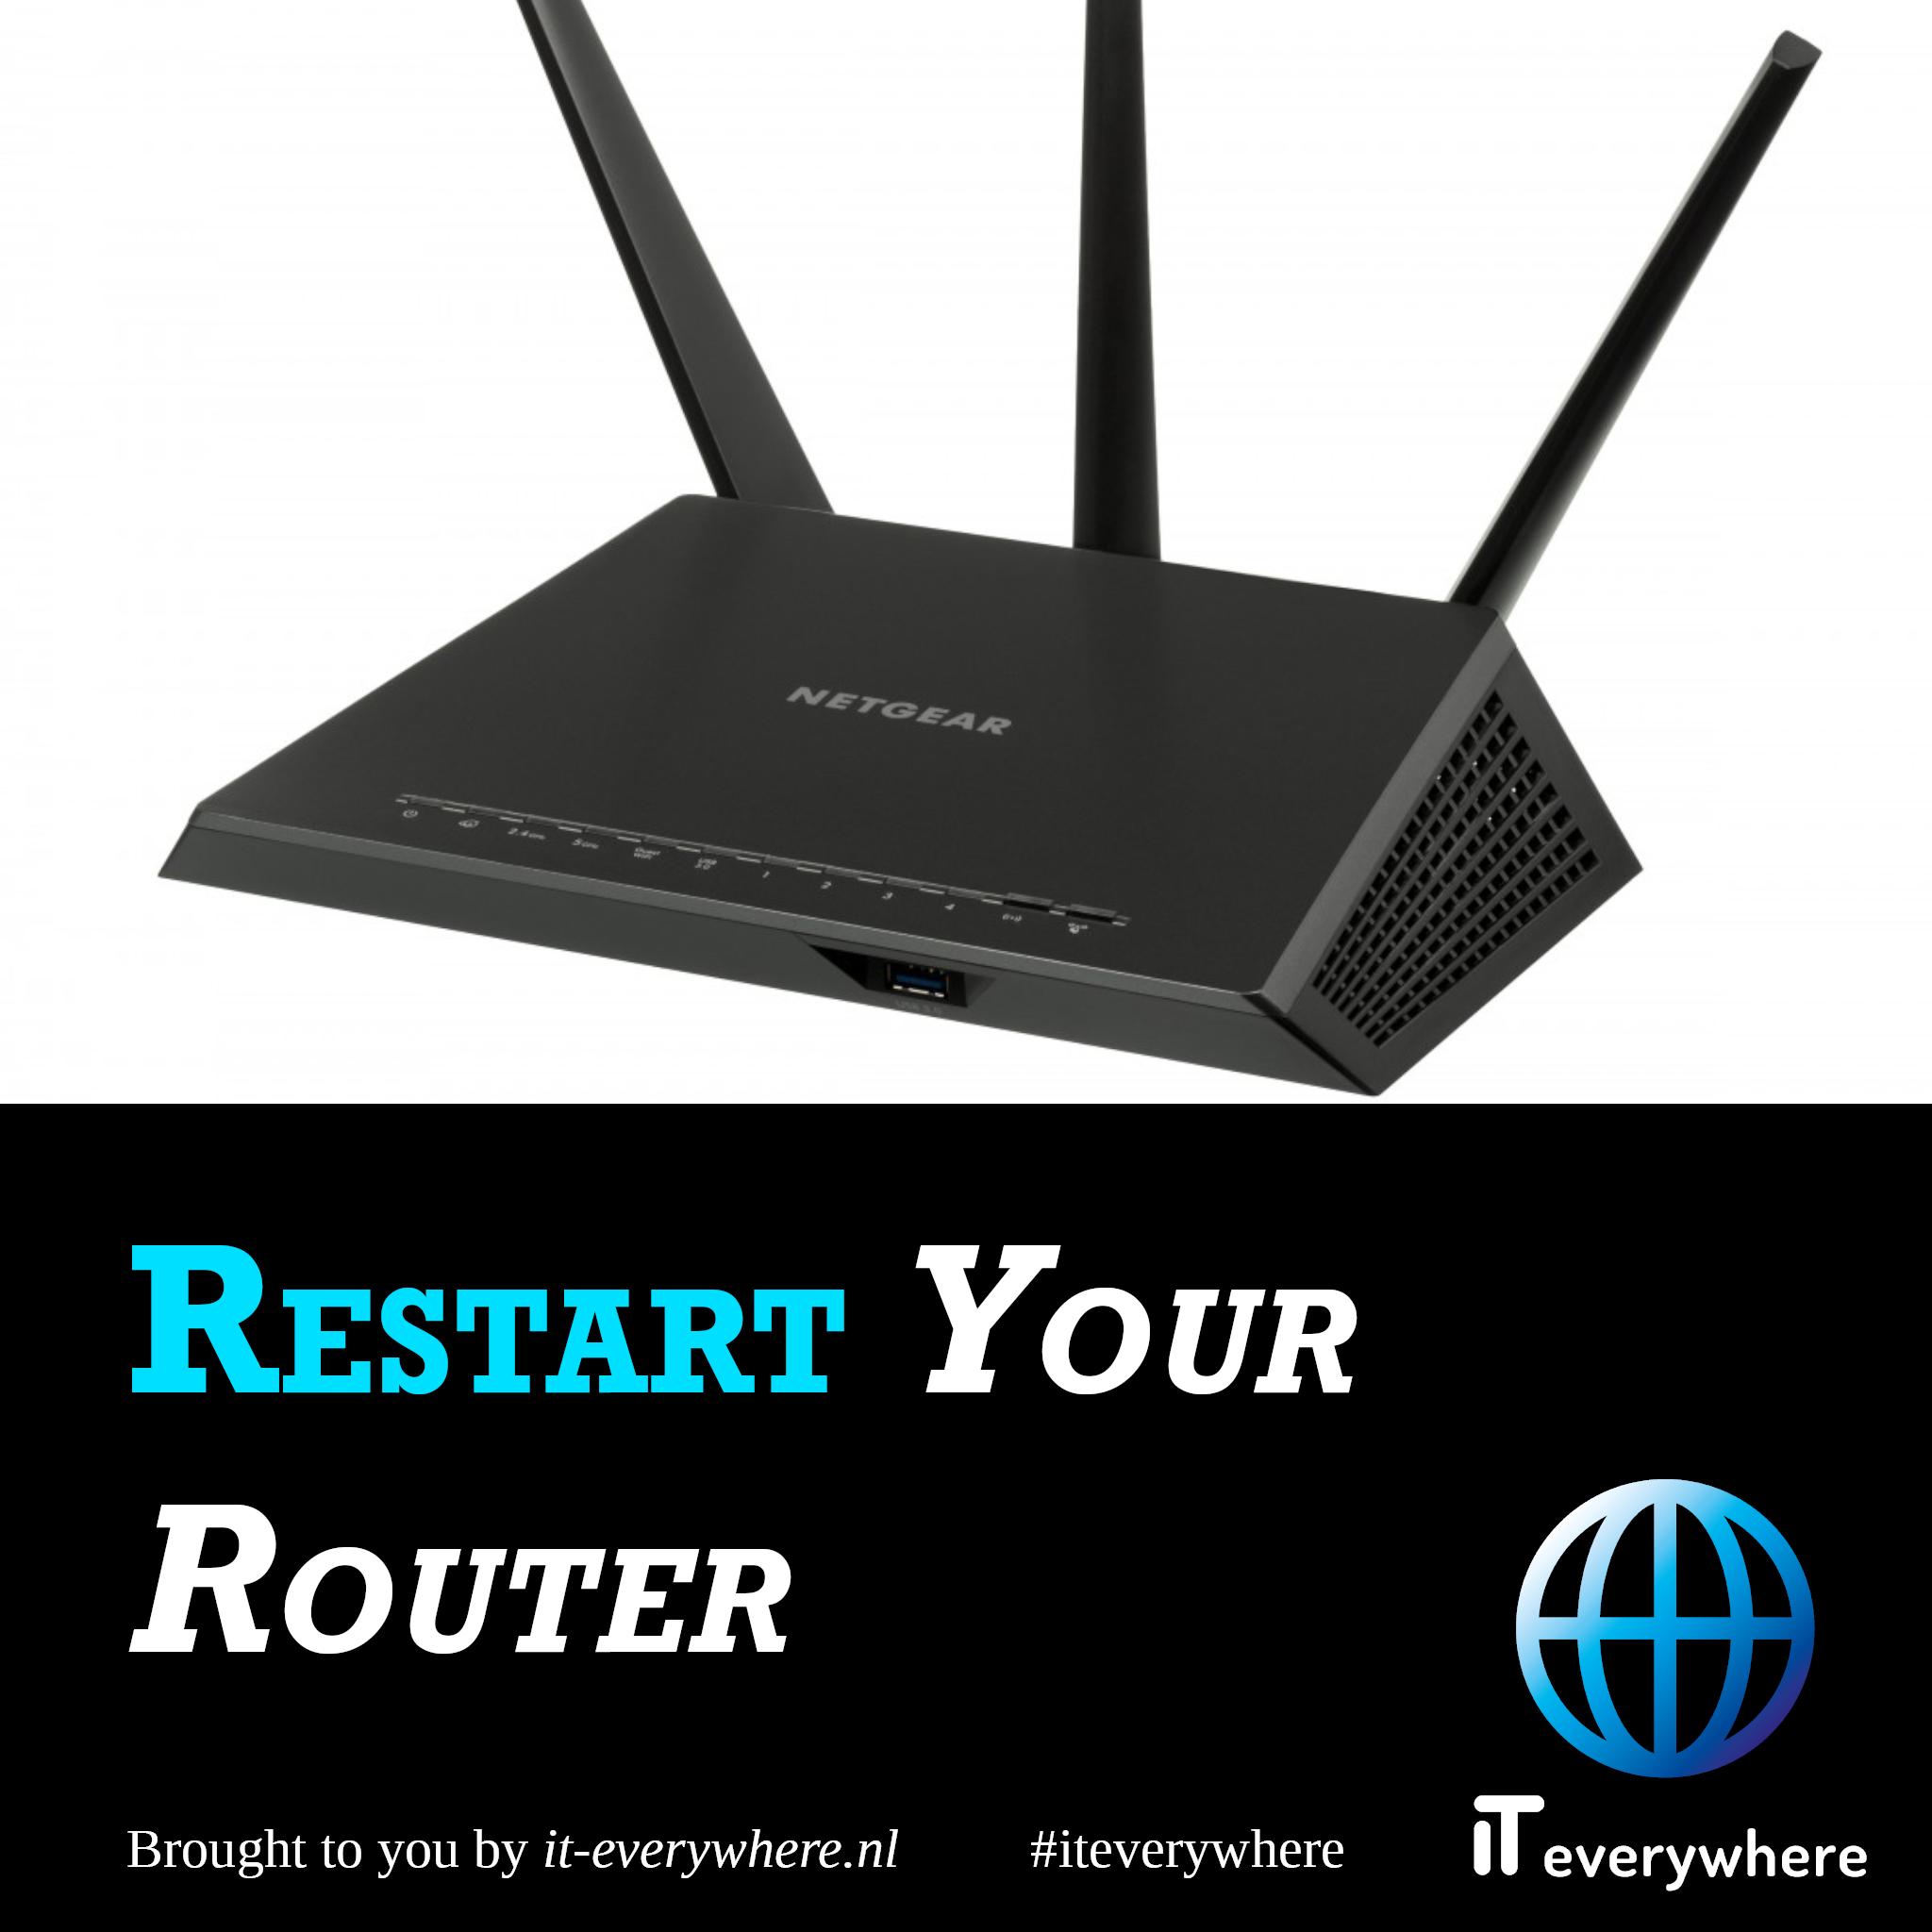 Restart Router